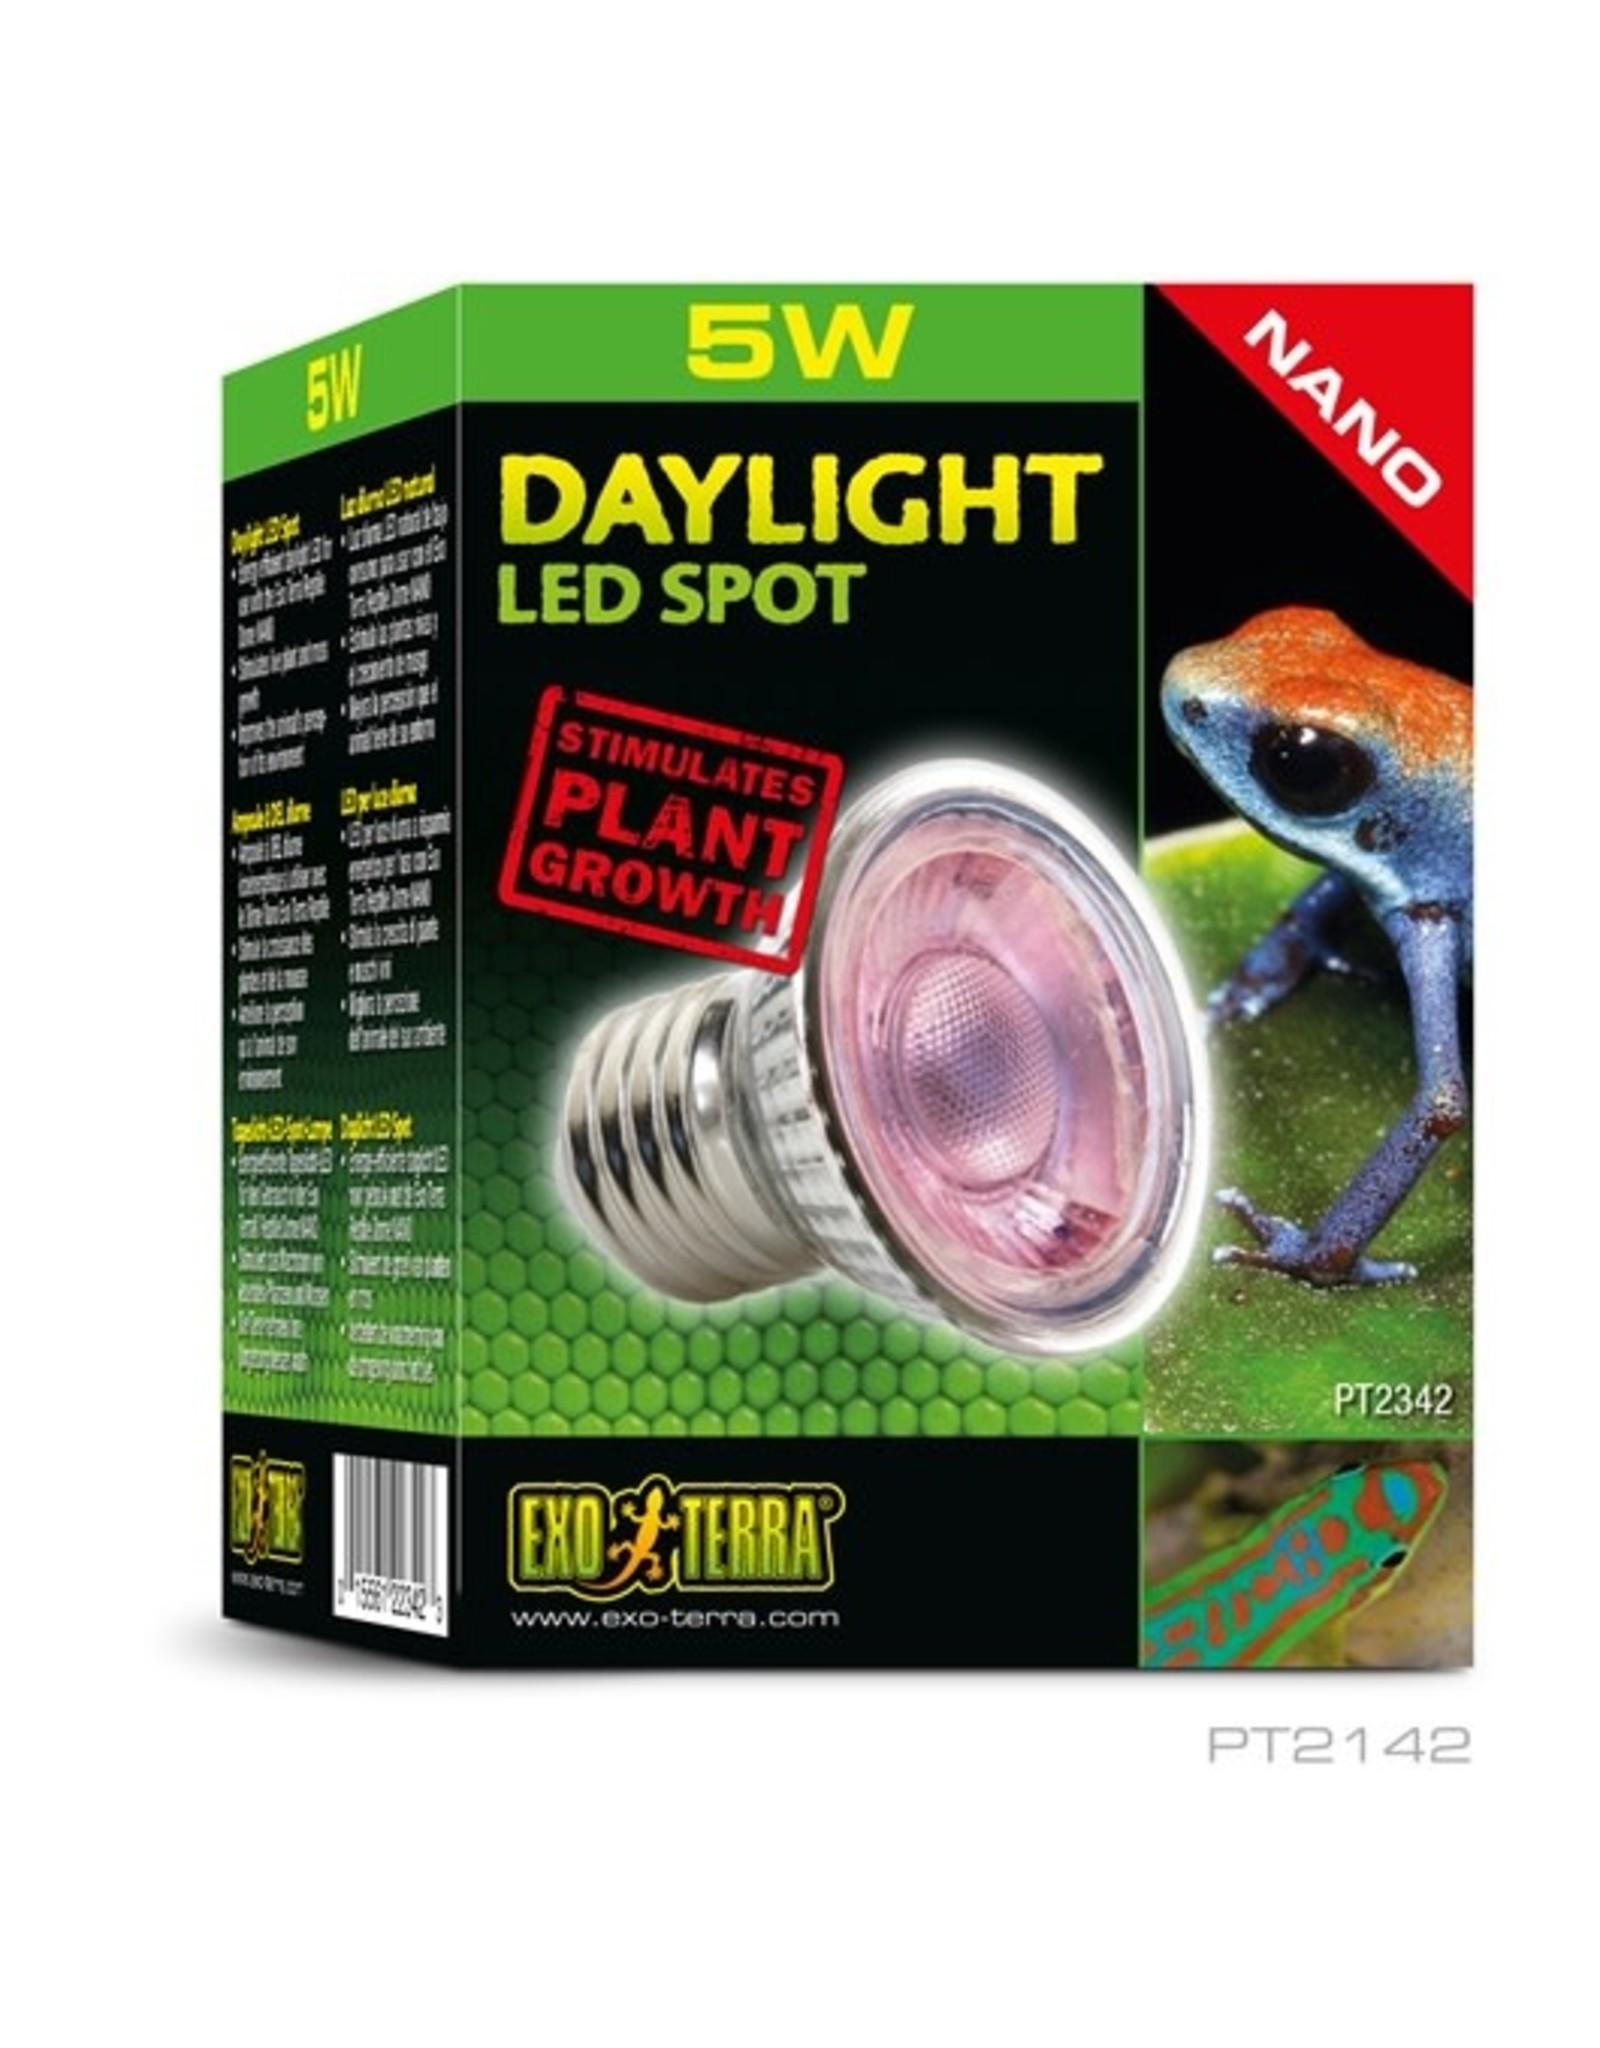 Exo Terra EXO TERRA Daylight Basking Spot LED 5 Watt Nano